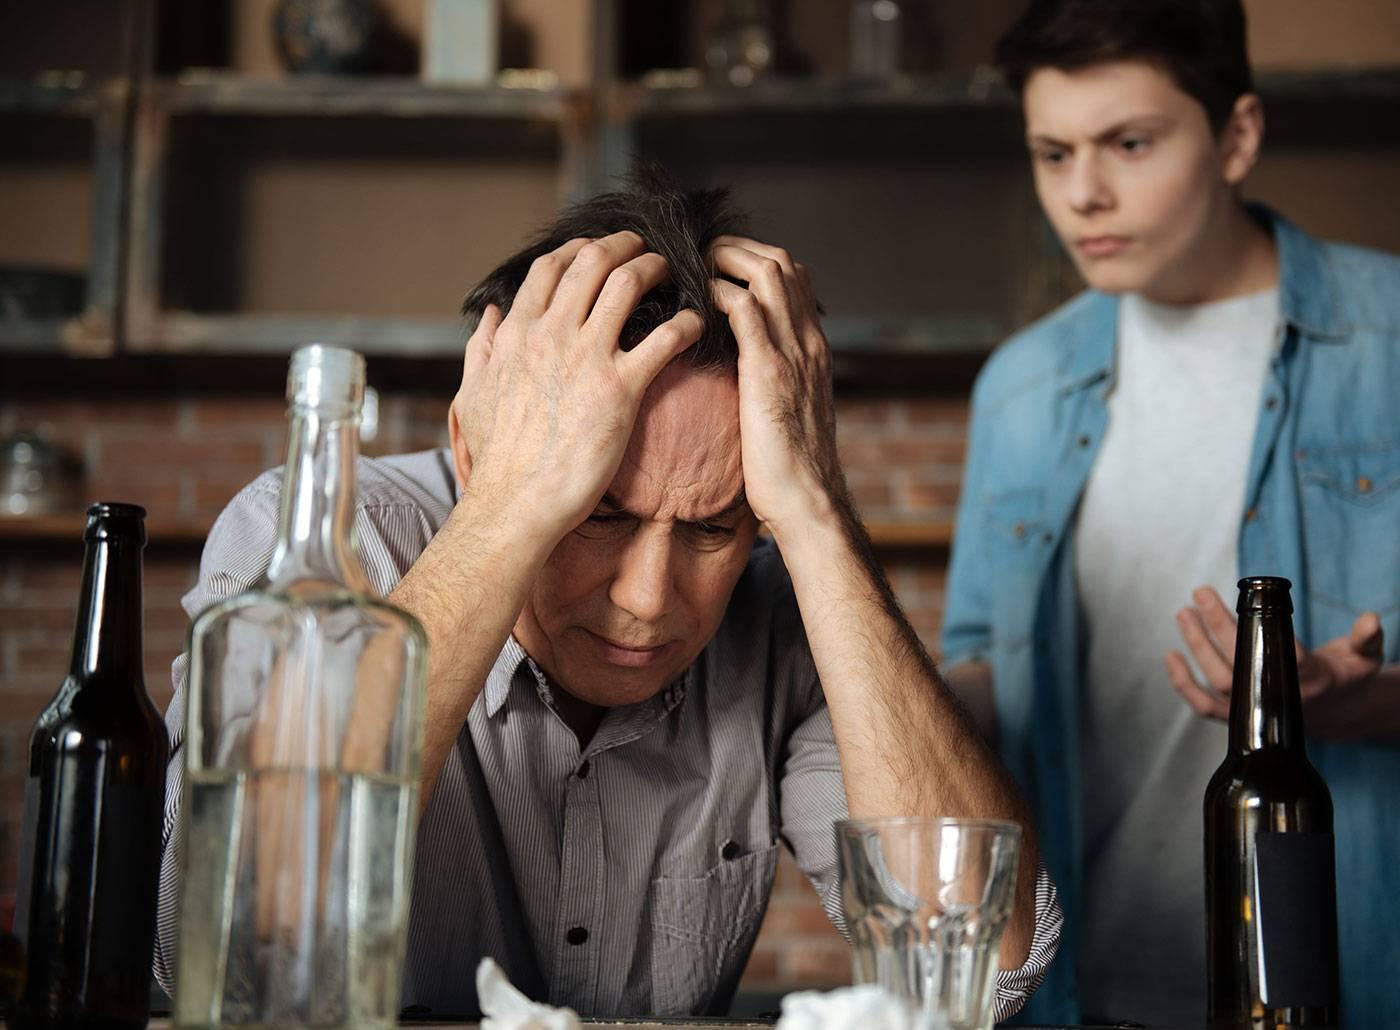 Кто такой алкоголик: латентные и открытые, образ жизни и последствия